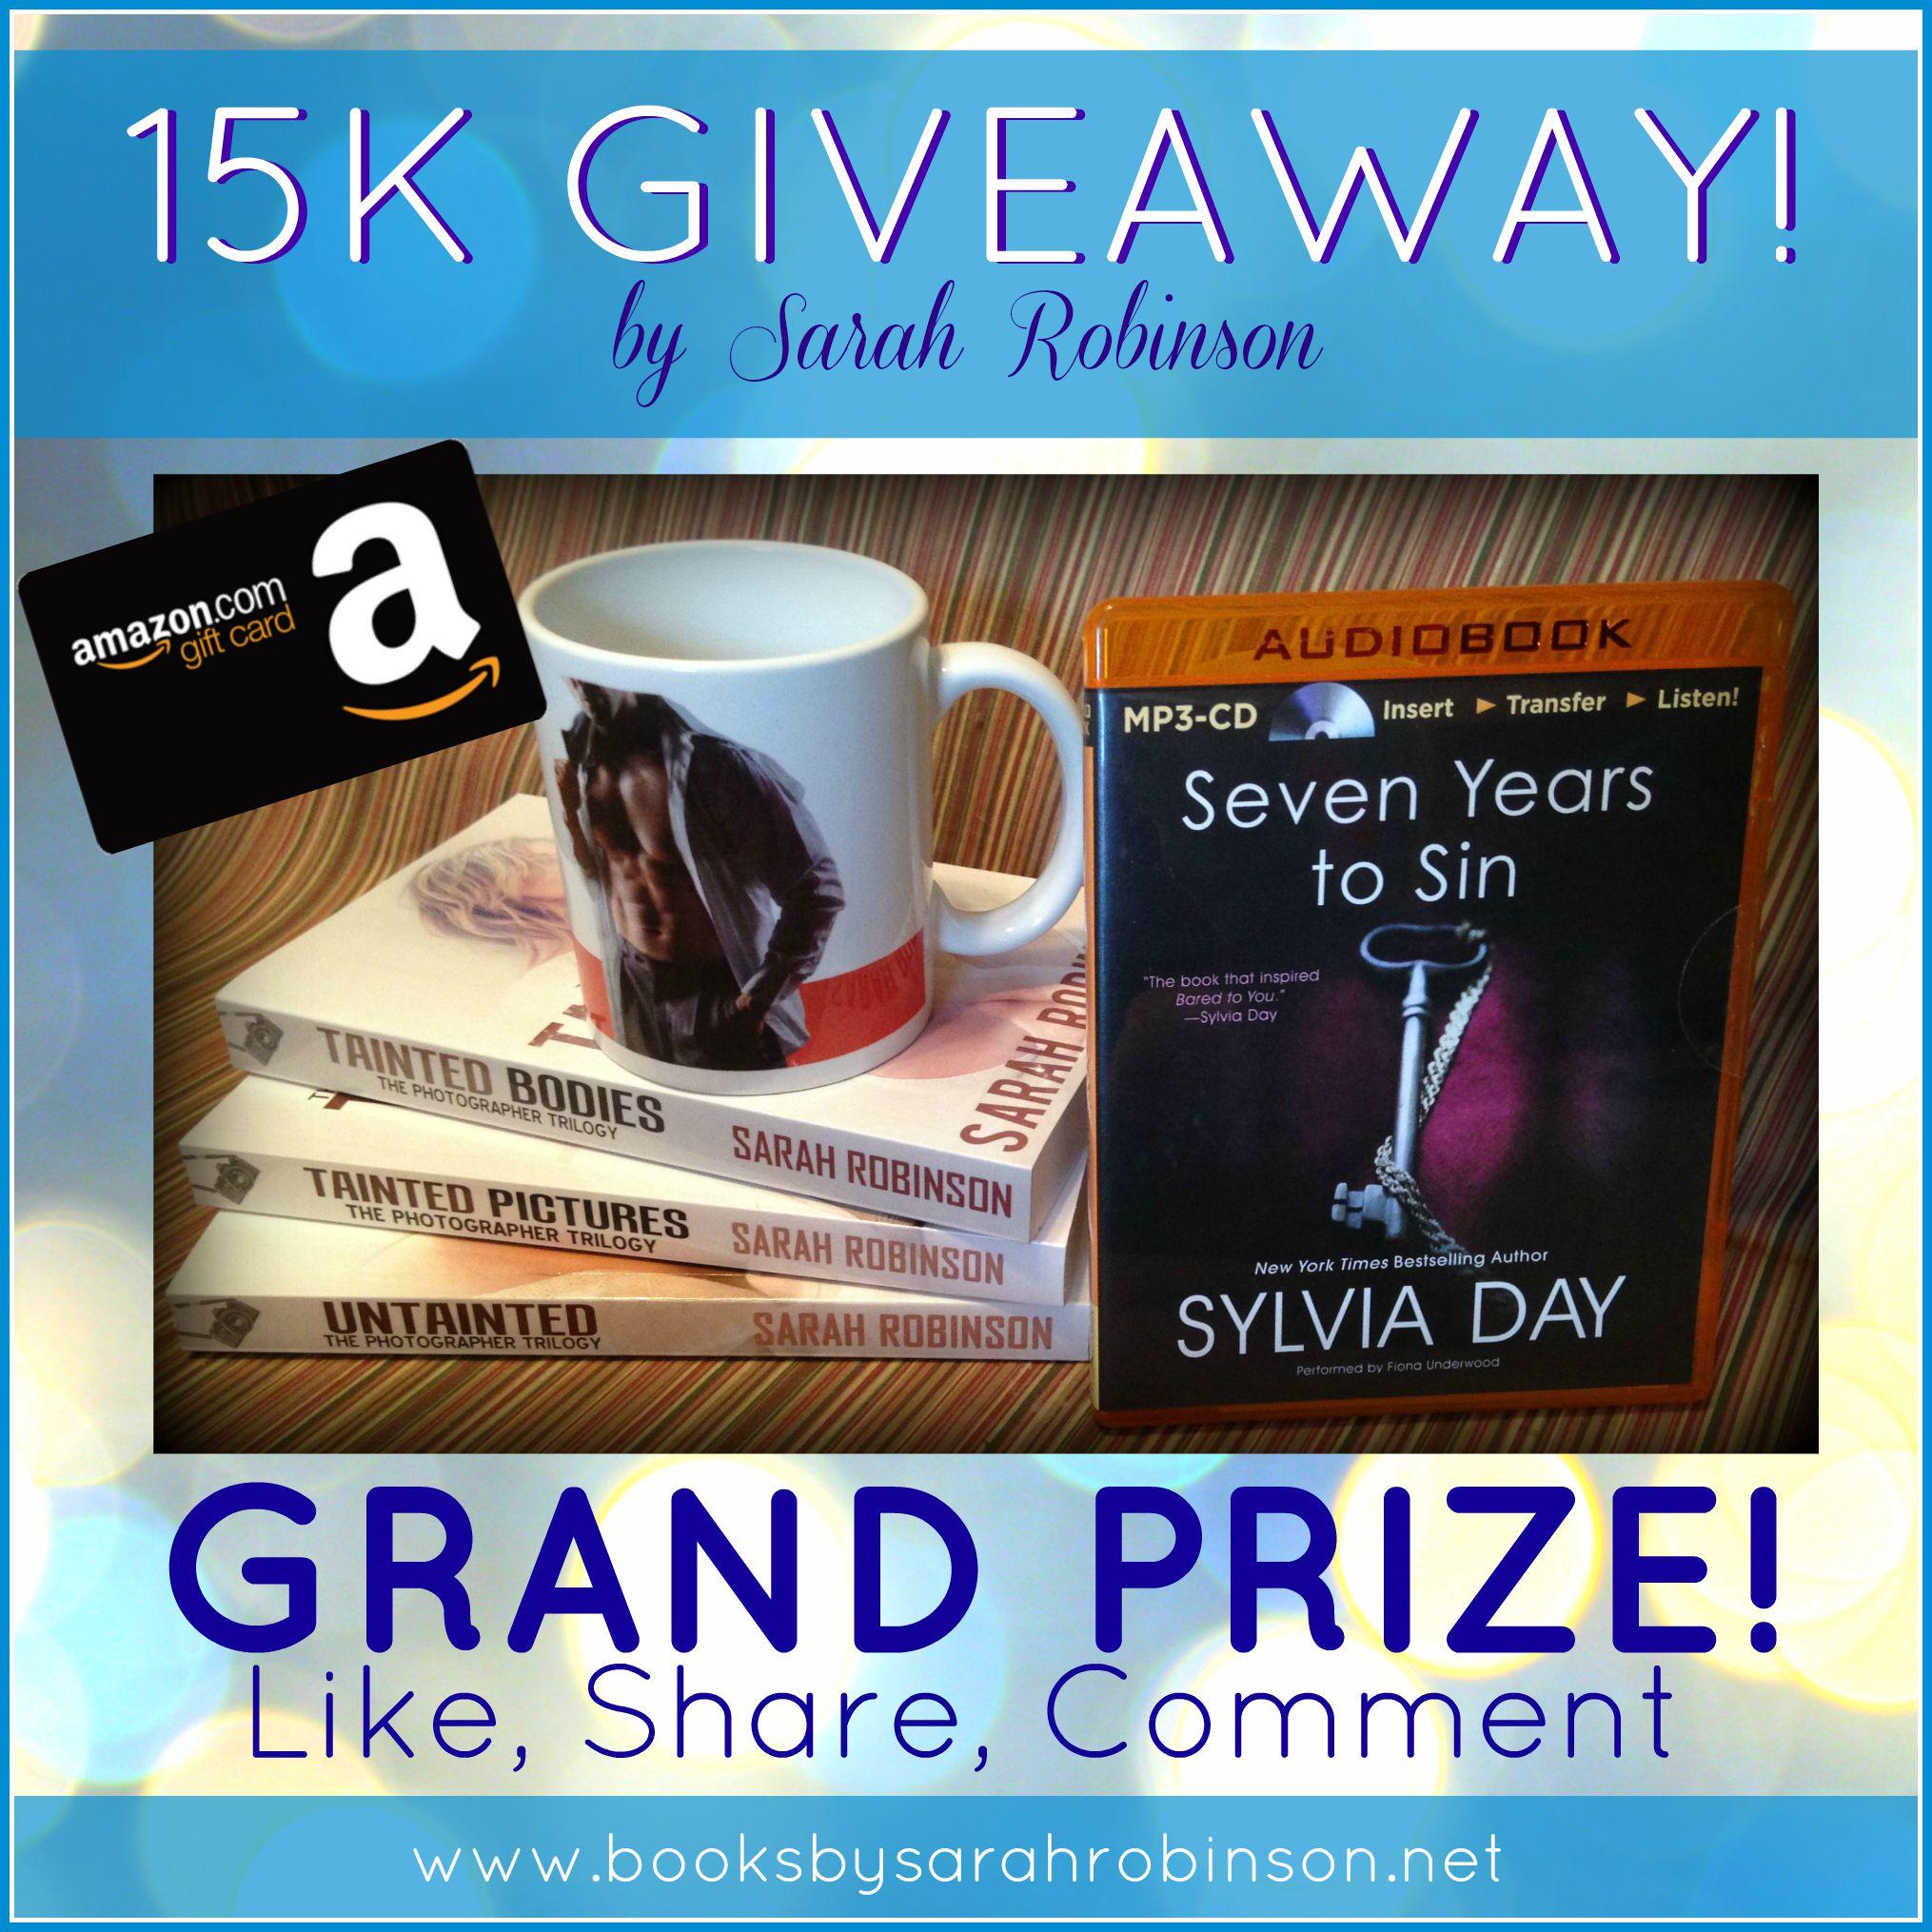 15K & Giveaways! Winner, Winner, Chicken Dinner… okay no chicken, but winners!